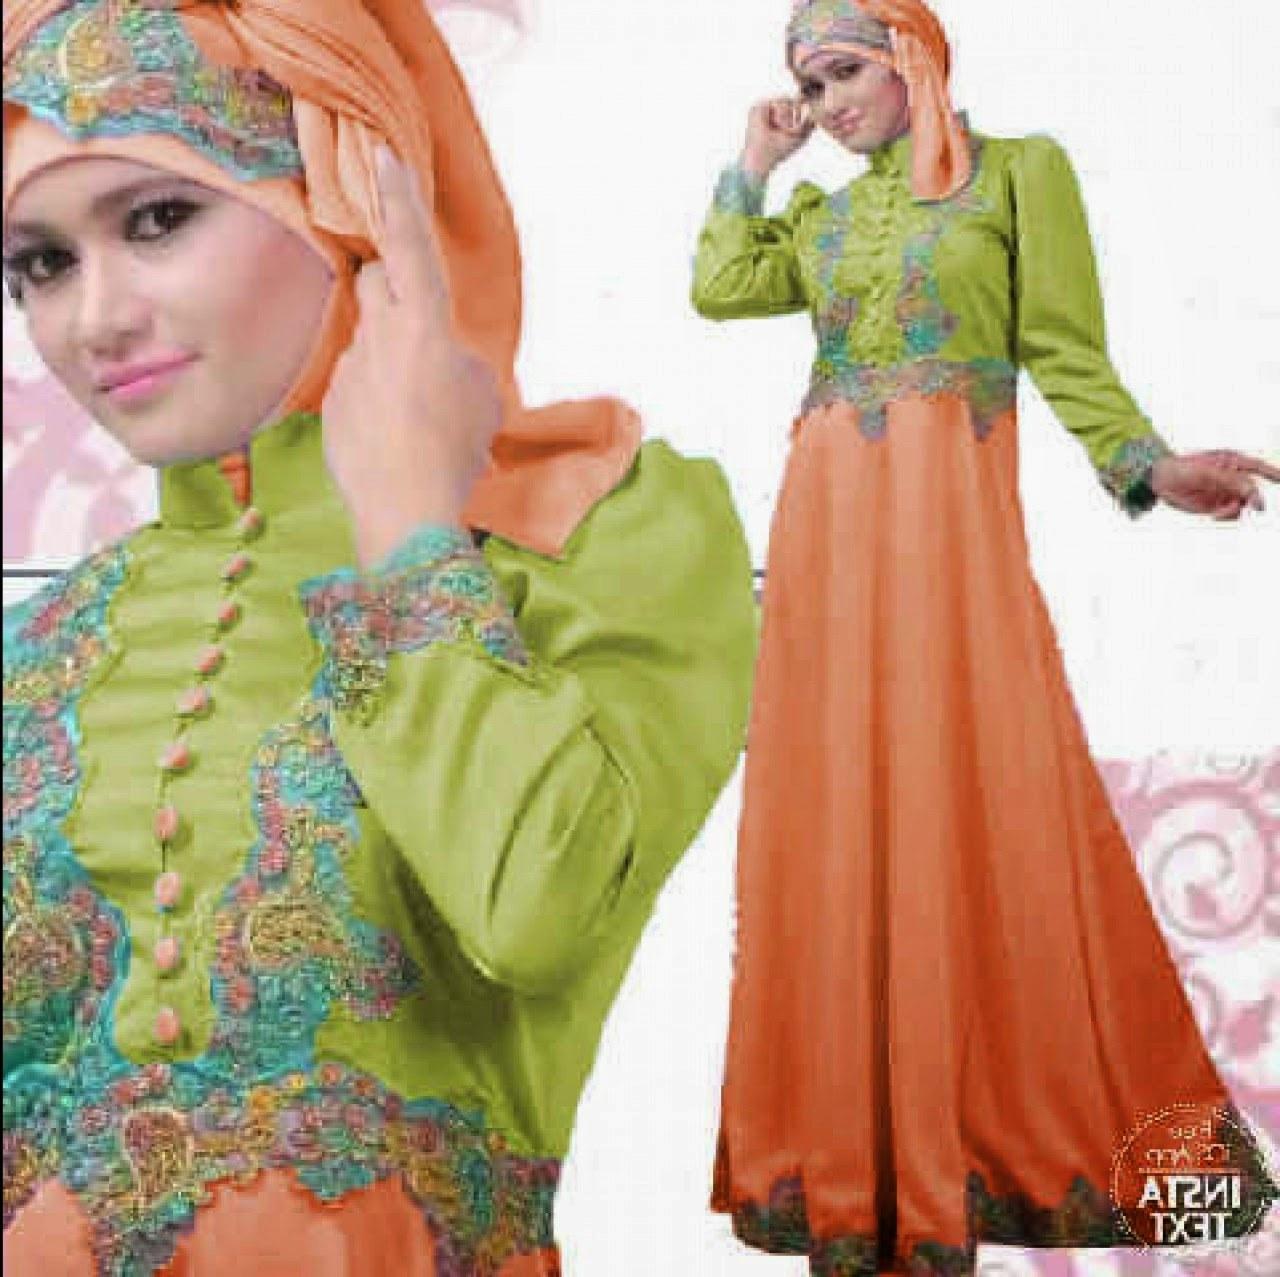 Model Model Baju Lebaran Syahrini 2018 Gdd0 Kumpulan Foto Model Baju Kebaya Lebaran Terbaru 2018